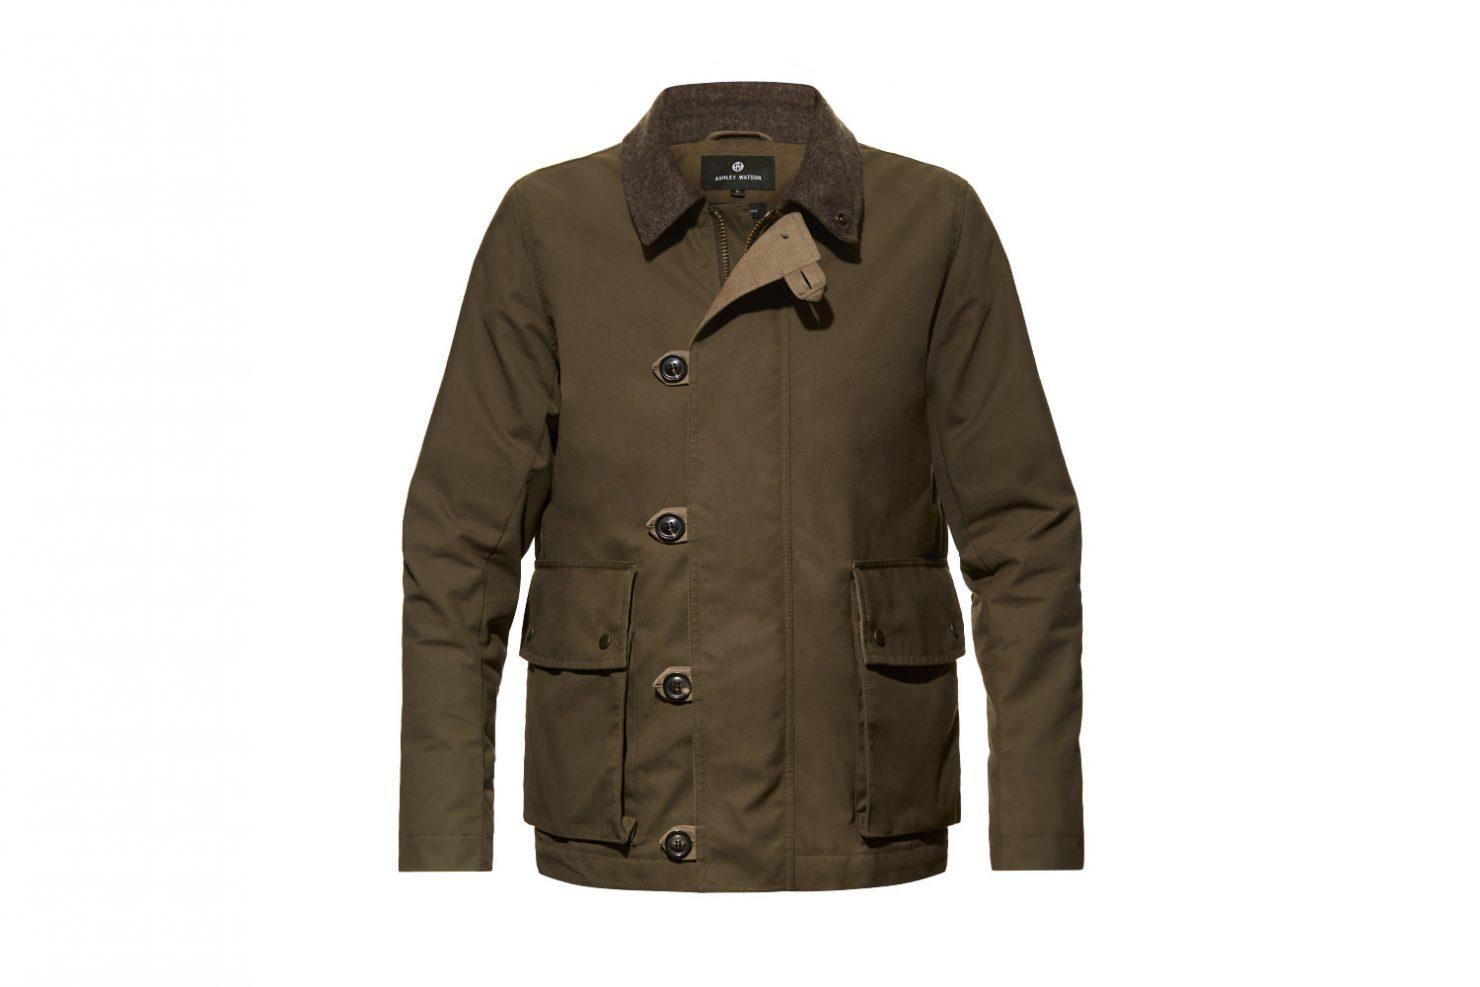 Ashley Watson Eversholt Jacket 1 1480x987 - Ashley Watson Eversholt Motorcycle Jacket